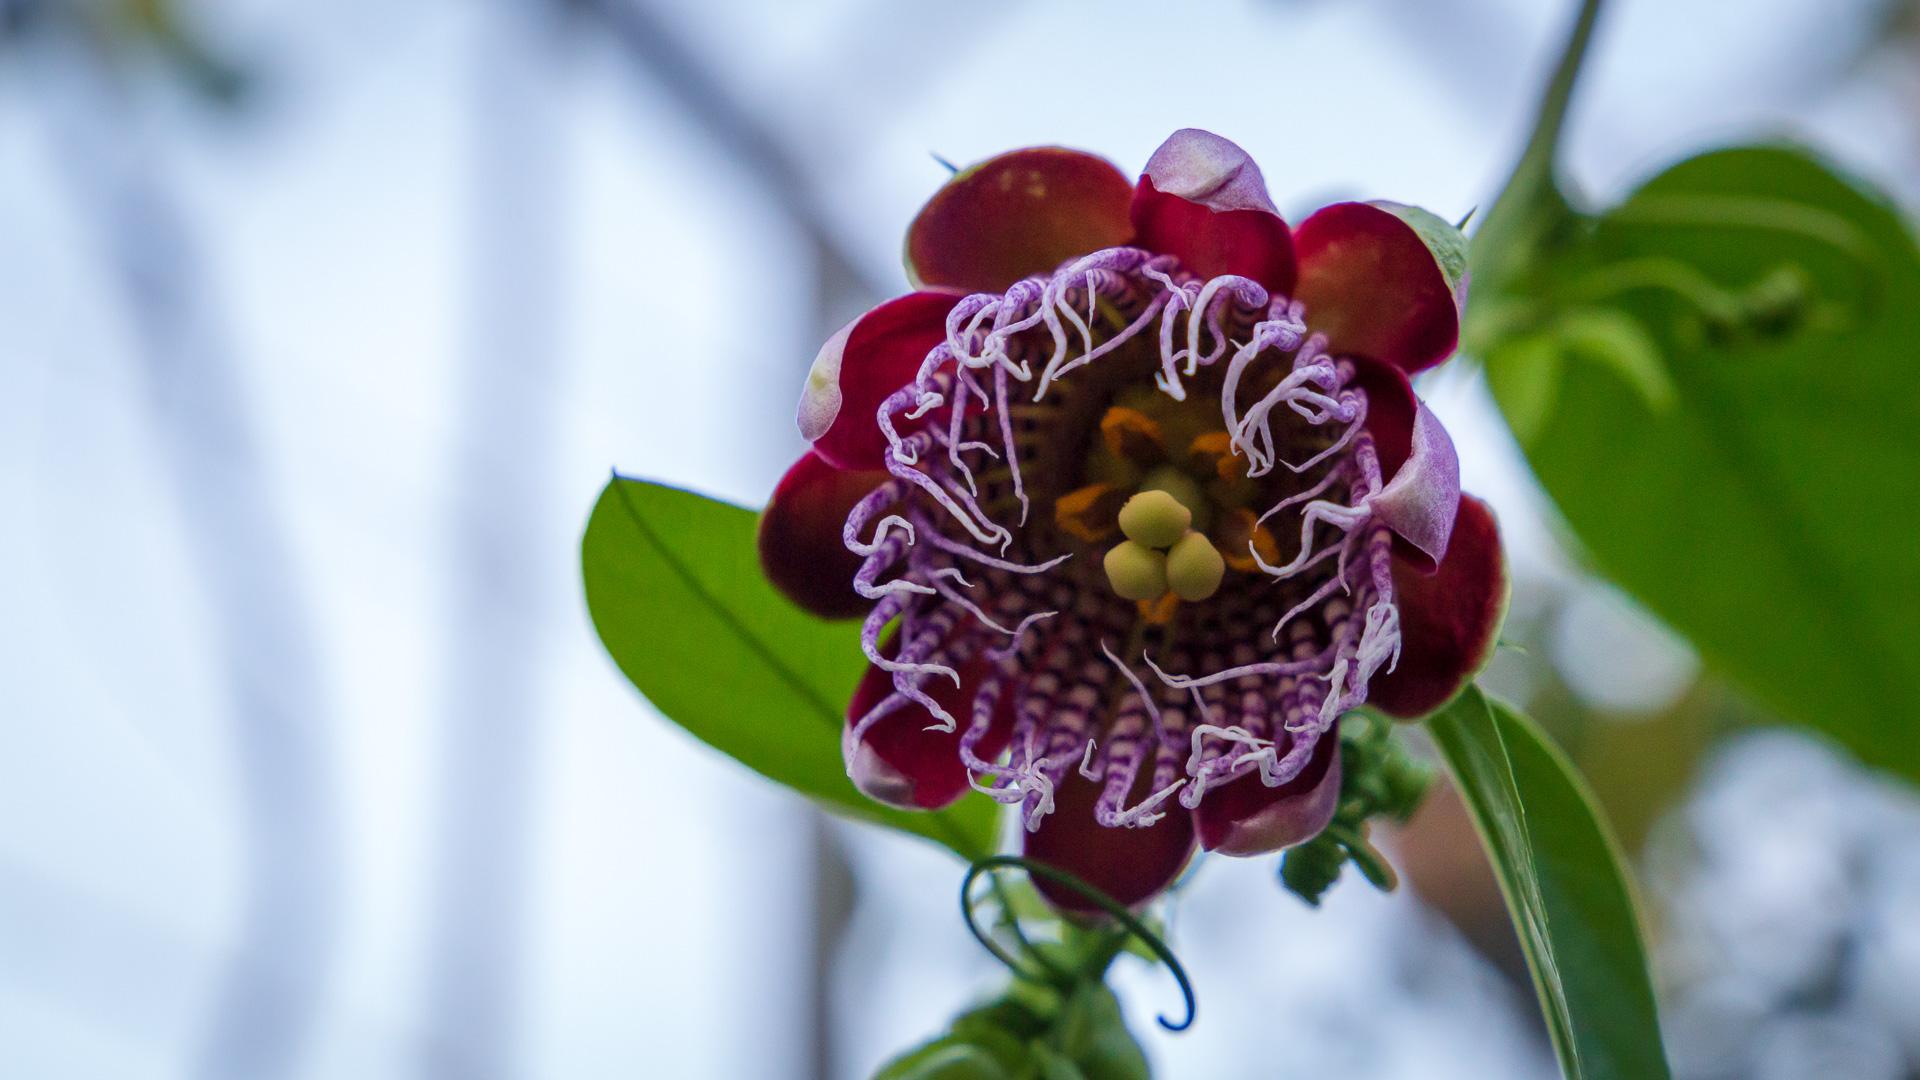 Wunderschöne Pflanzen im botanischen Garten